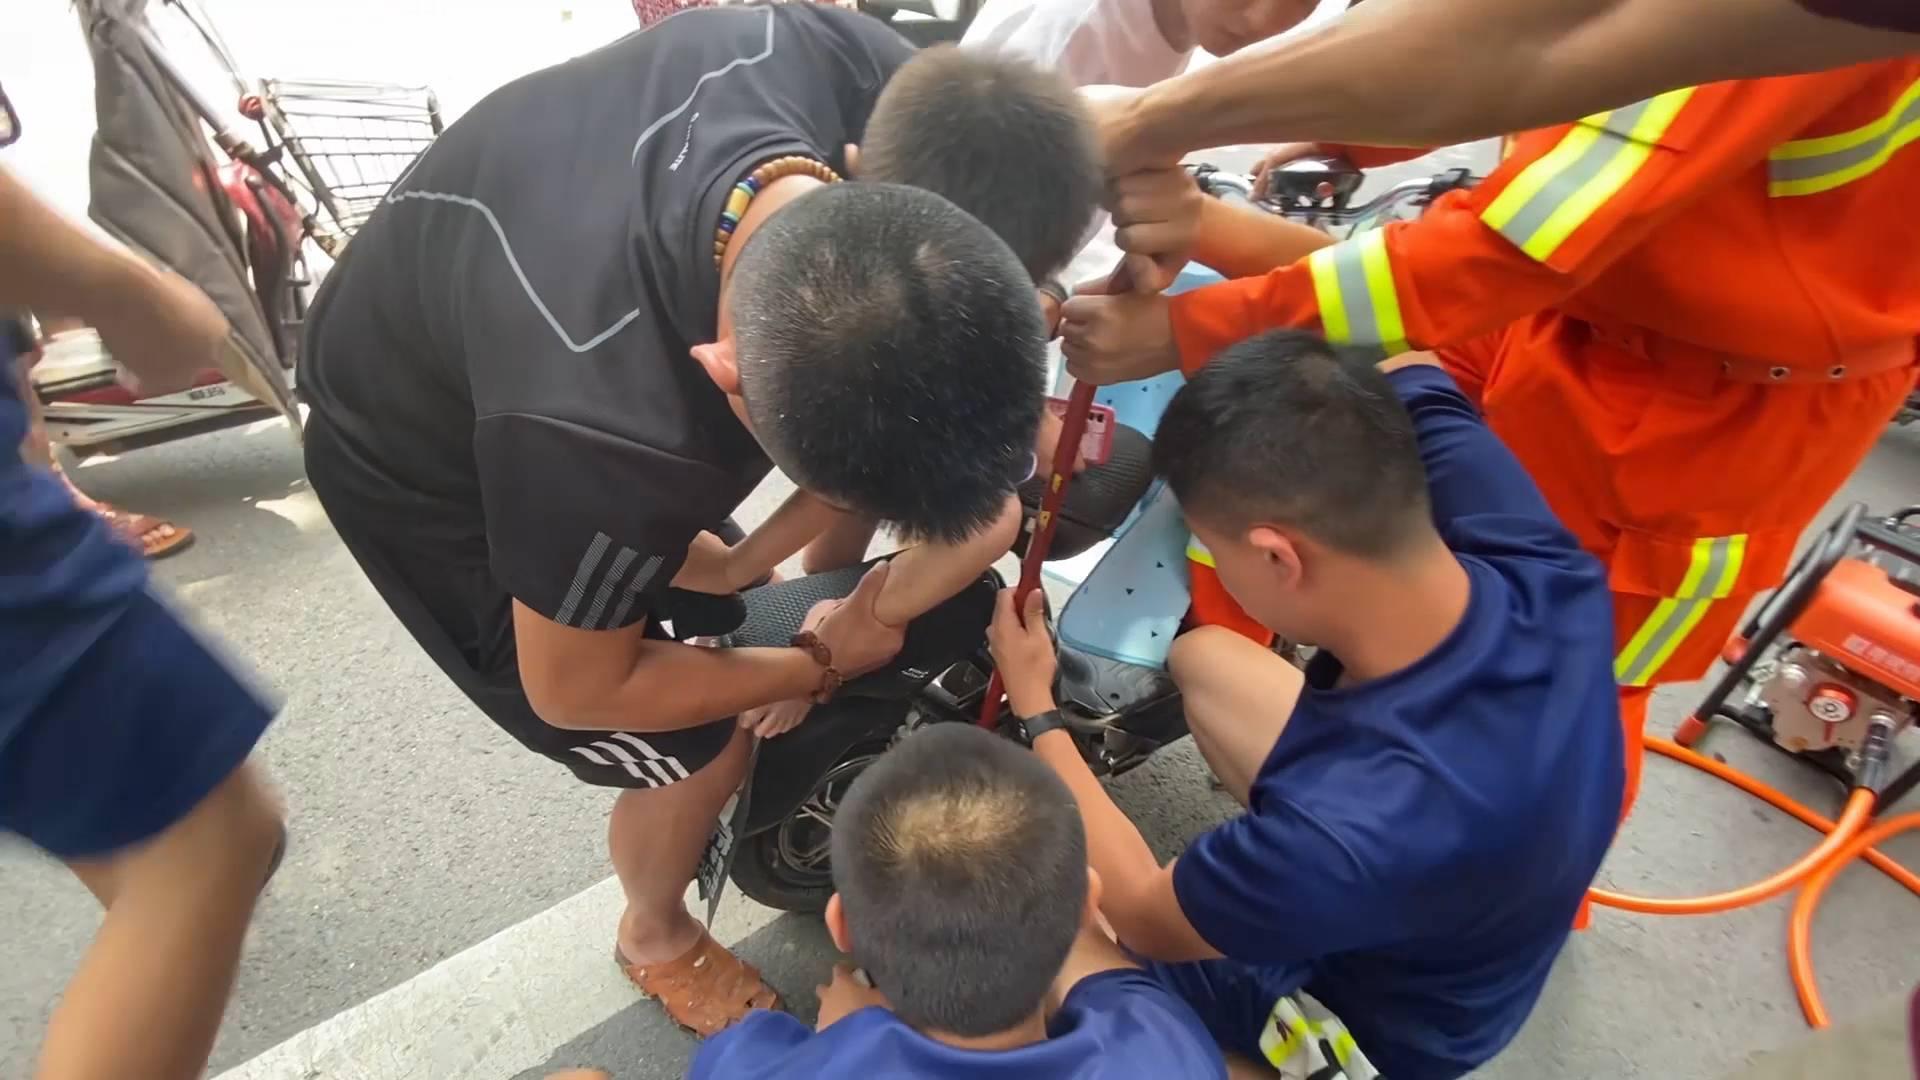 男孩脚卡电动车 莱西消防紧急救援